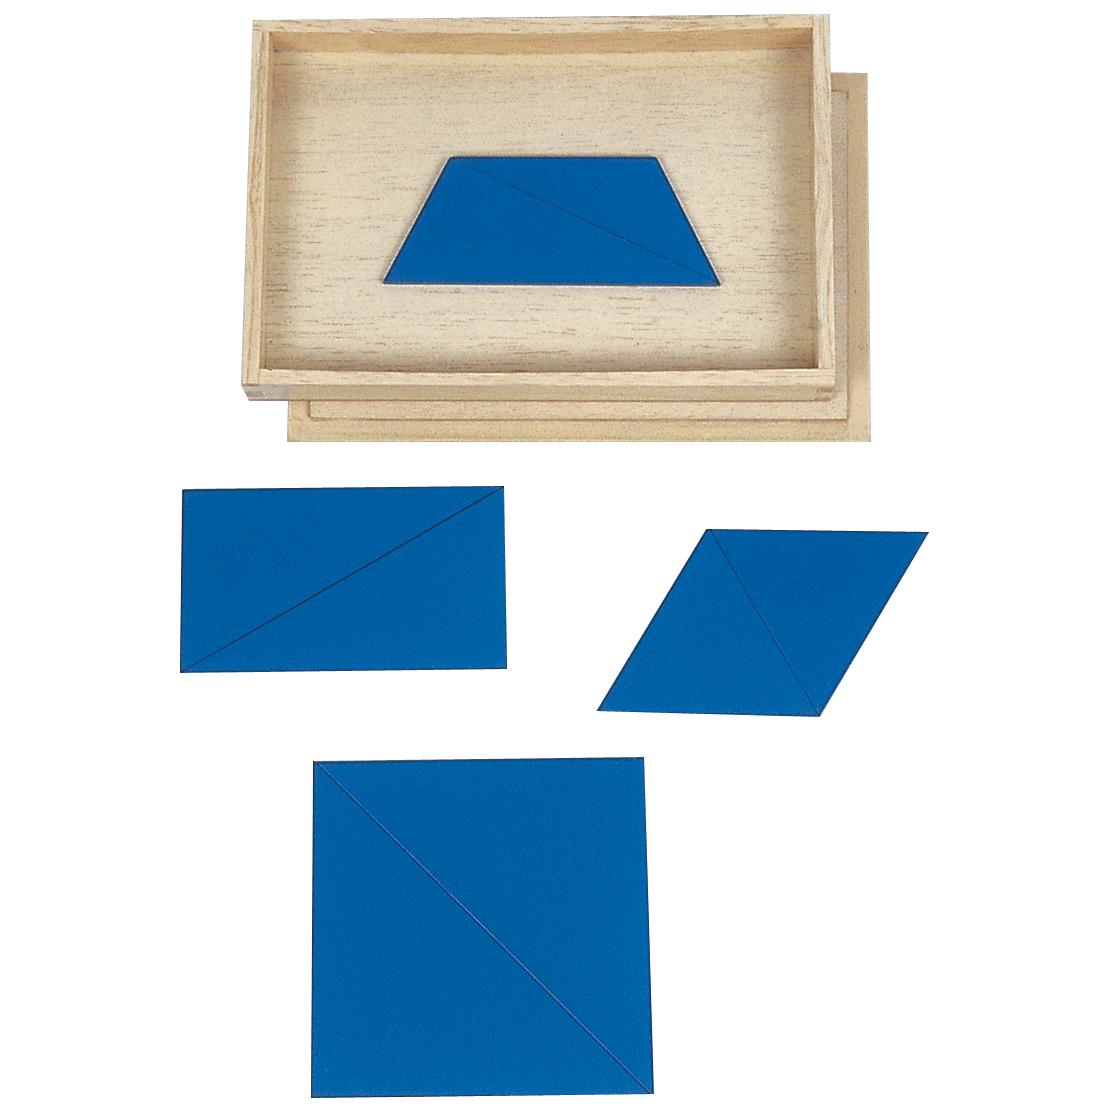 triangoli costruttori blu in scatola rettangolare